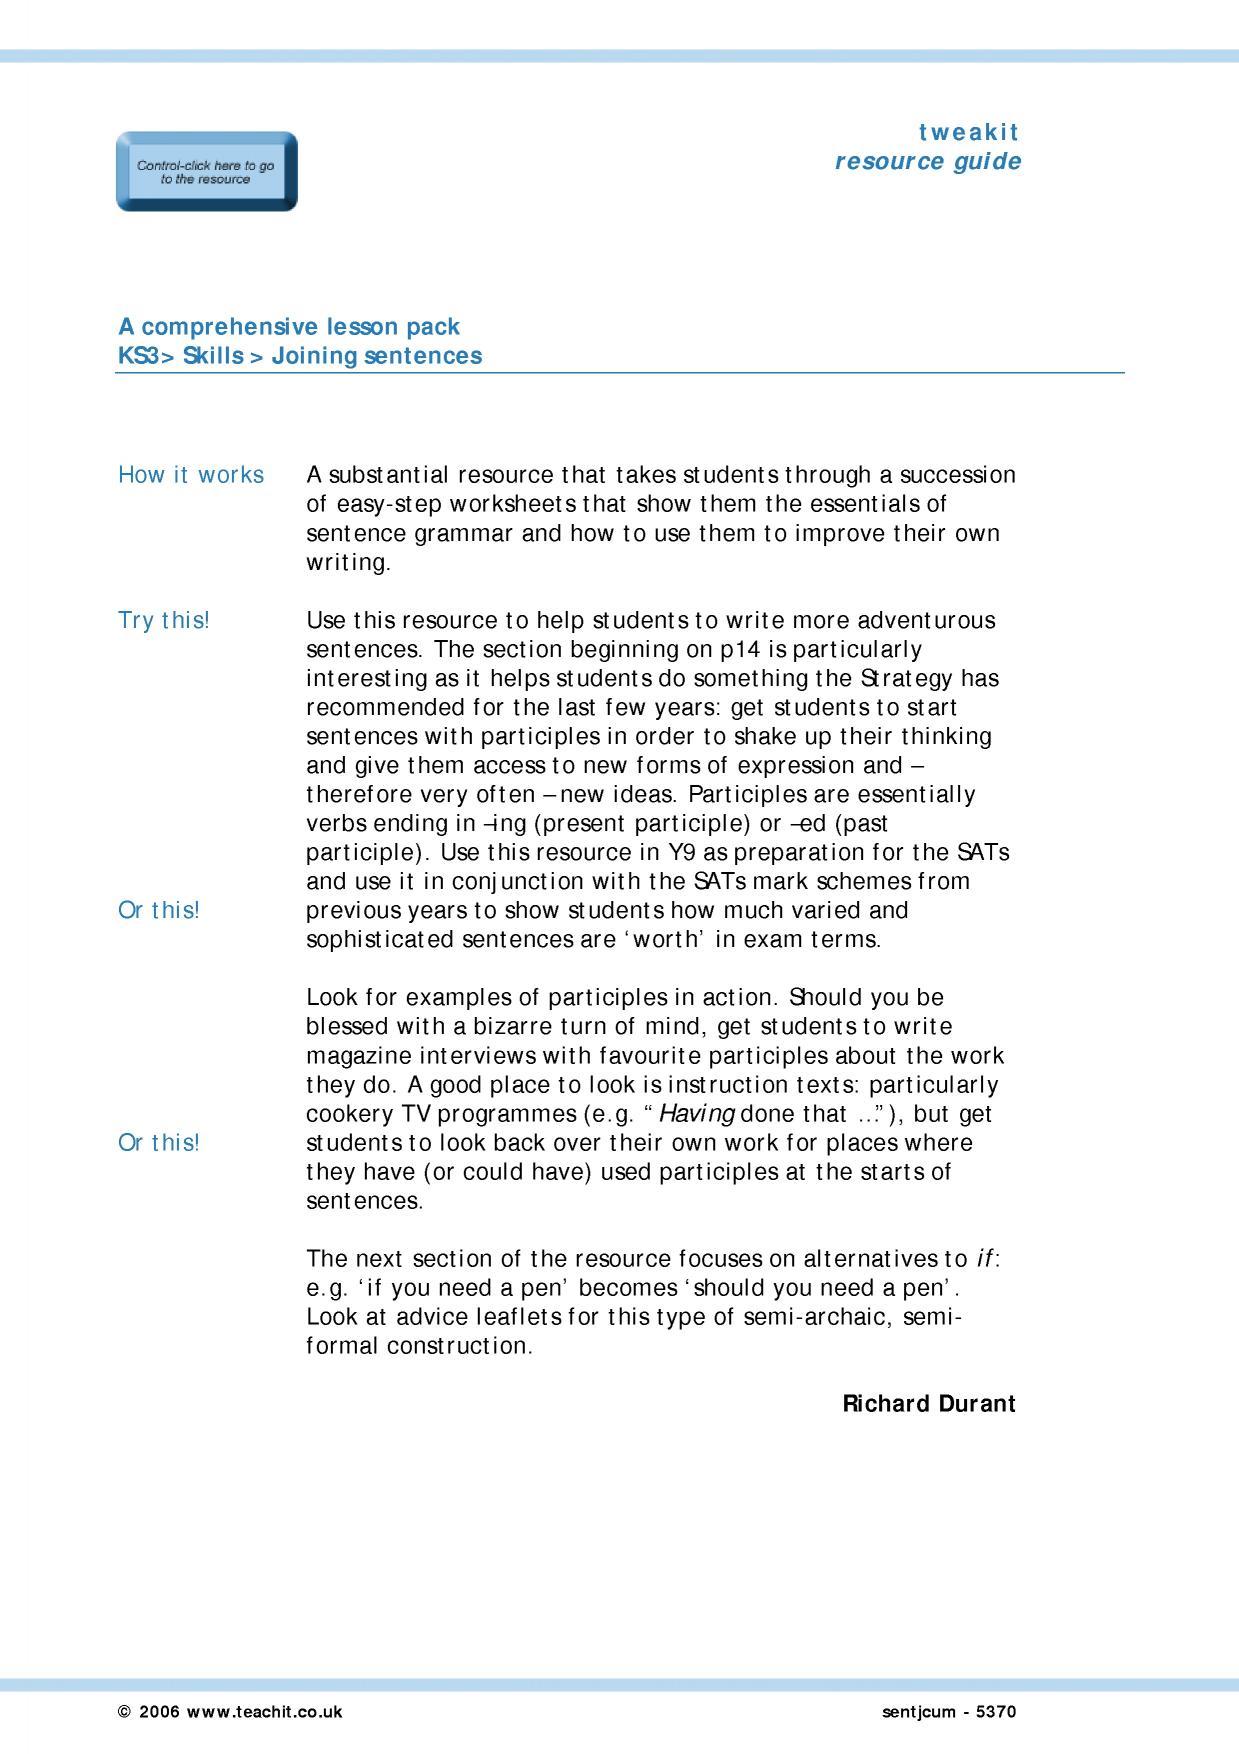 Up Levelling Sentences Ppt Presentation